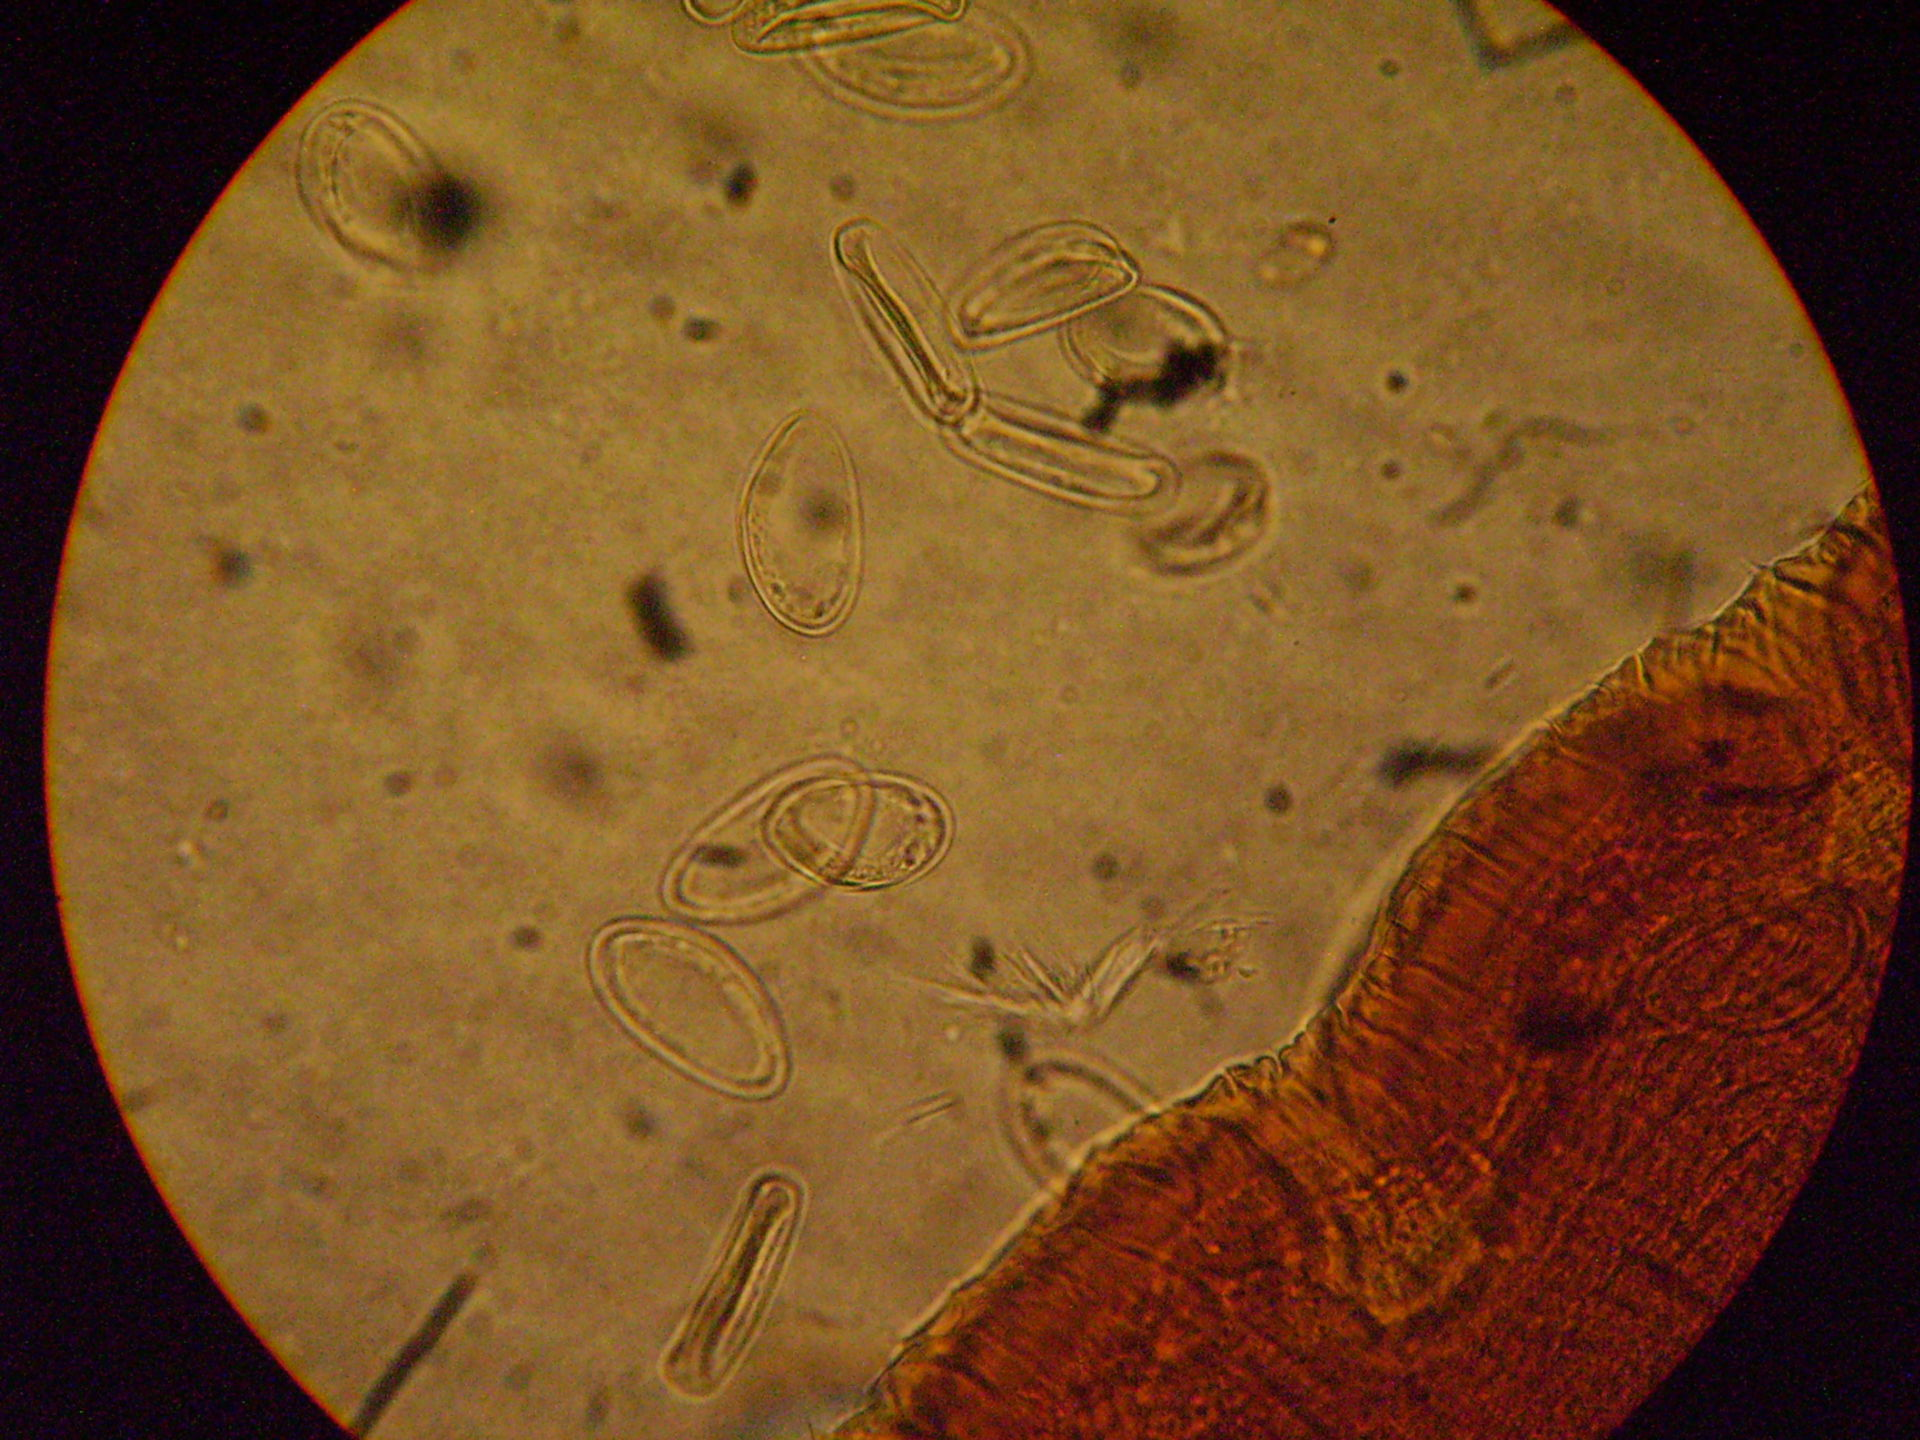 Enterobius vermicularis a.